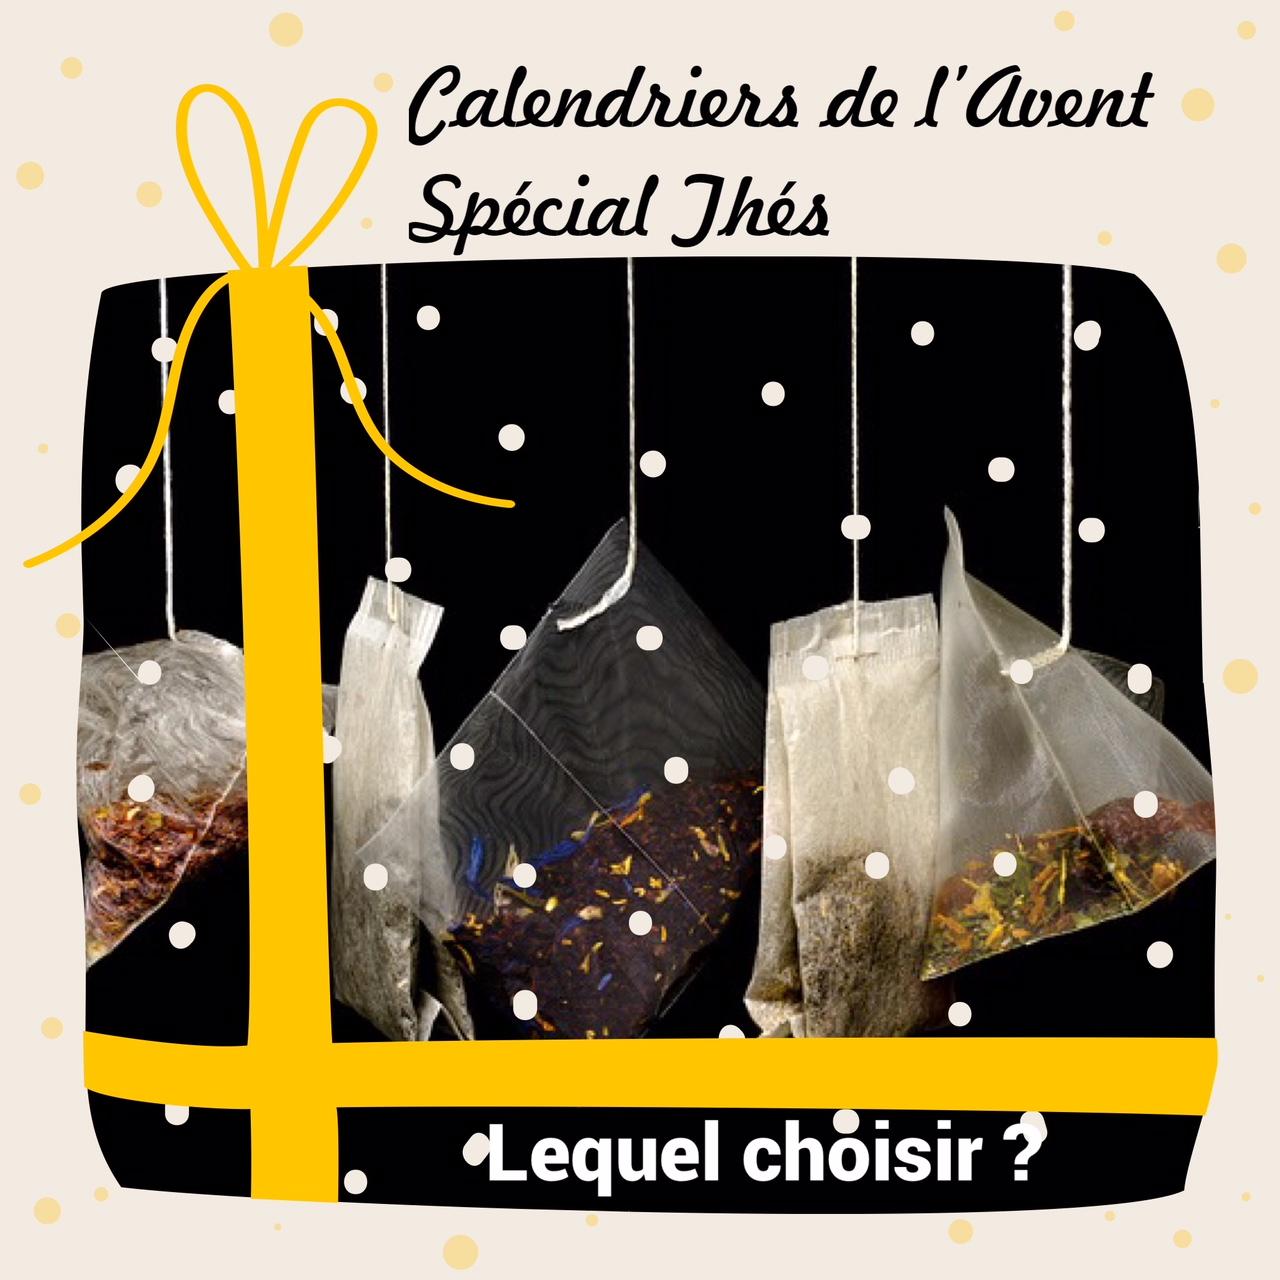 Calendrier Avent Palais Des Thes.Swaps Addict Le Blog Calendrier De L Avent Special Thes 1